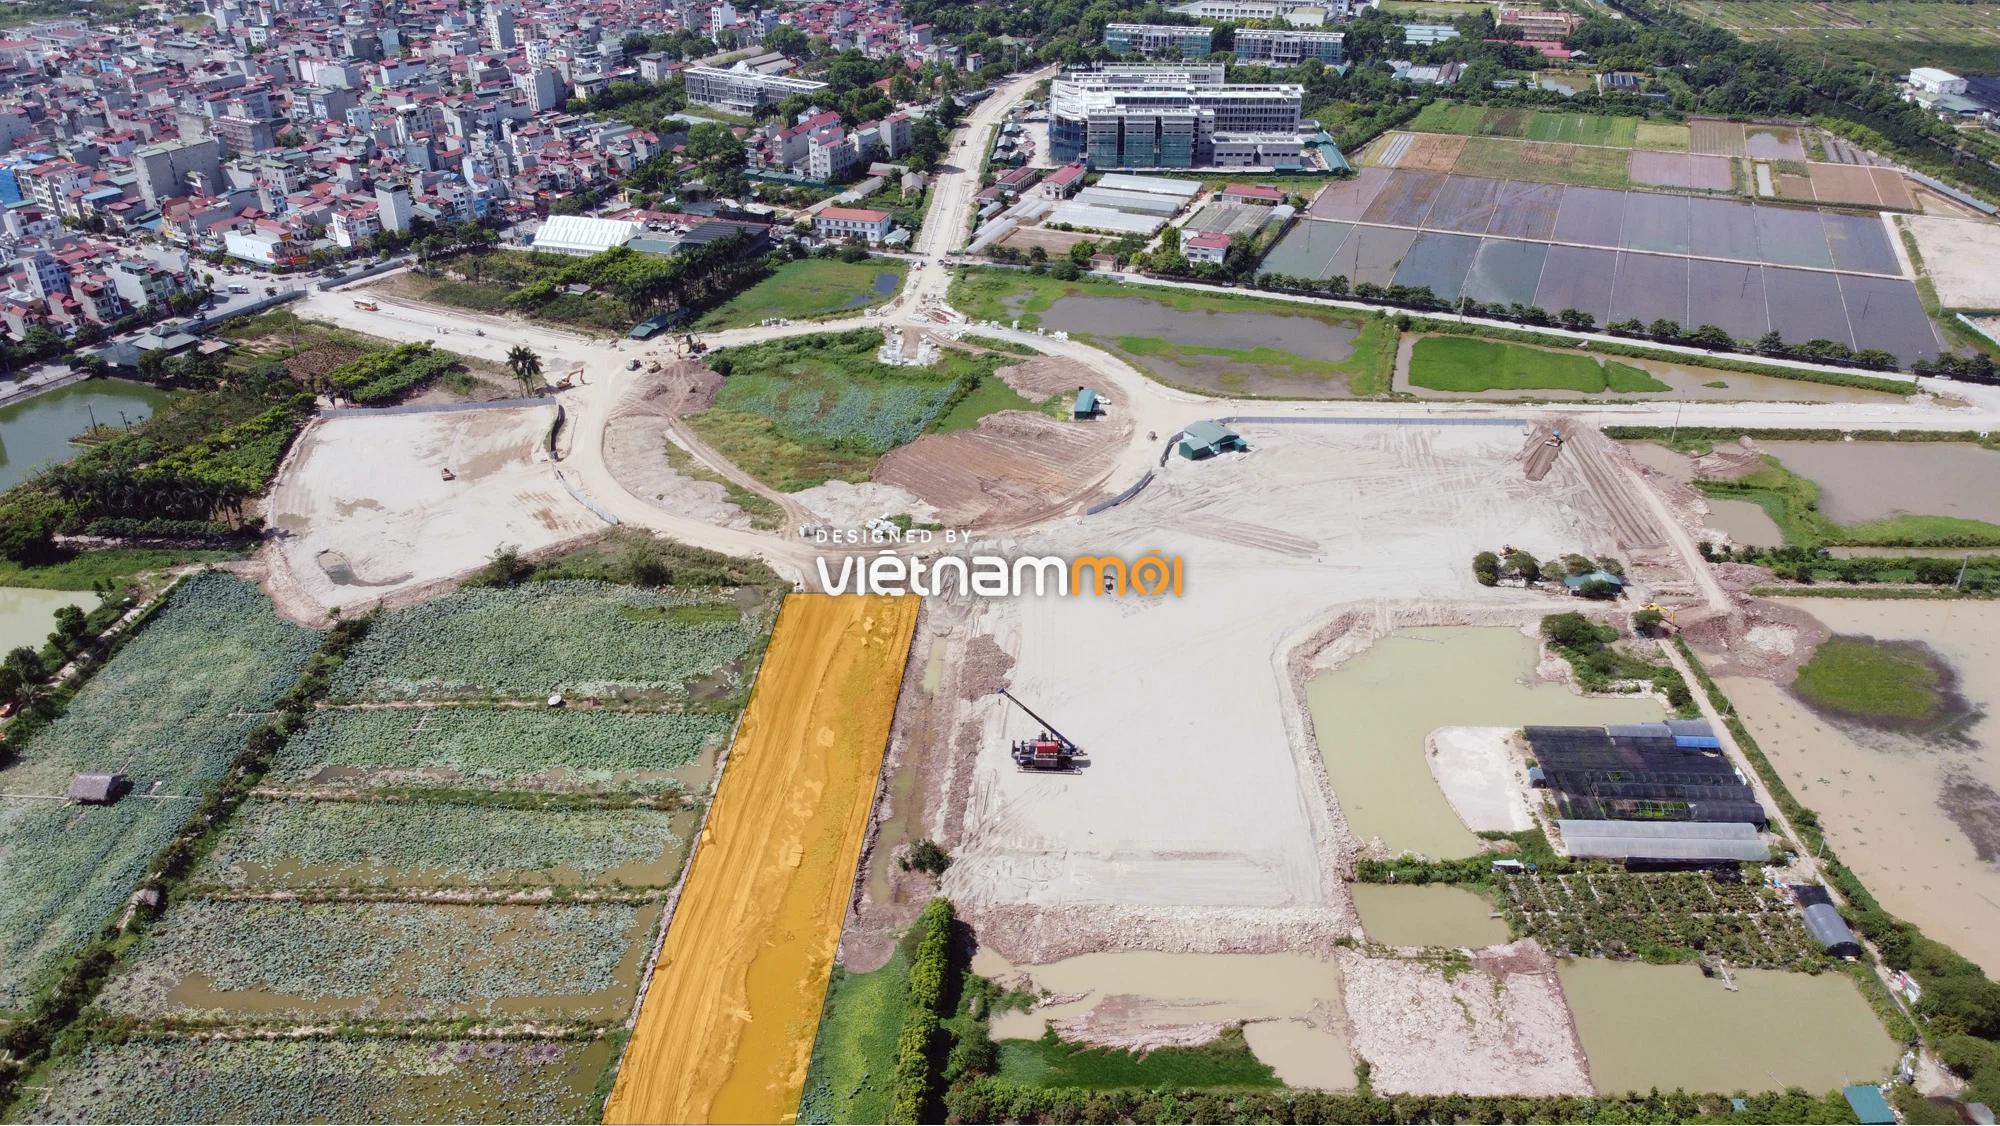 Toàn cảnh tuyến đường từ Vinhomes Ocean Park đến QL5 qua Học viện Nông nghiệp đang mở theo quy hoạch ở Hà Nội - Ảnh 8.